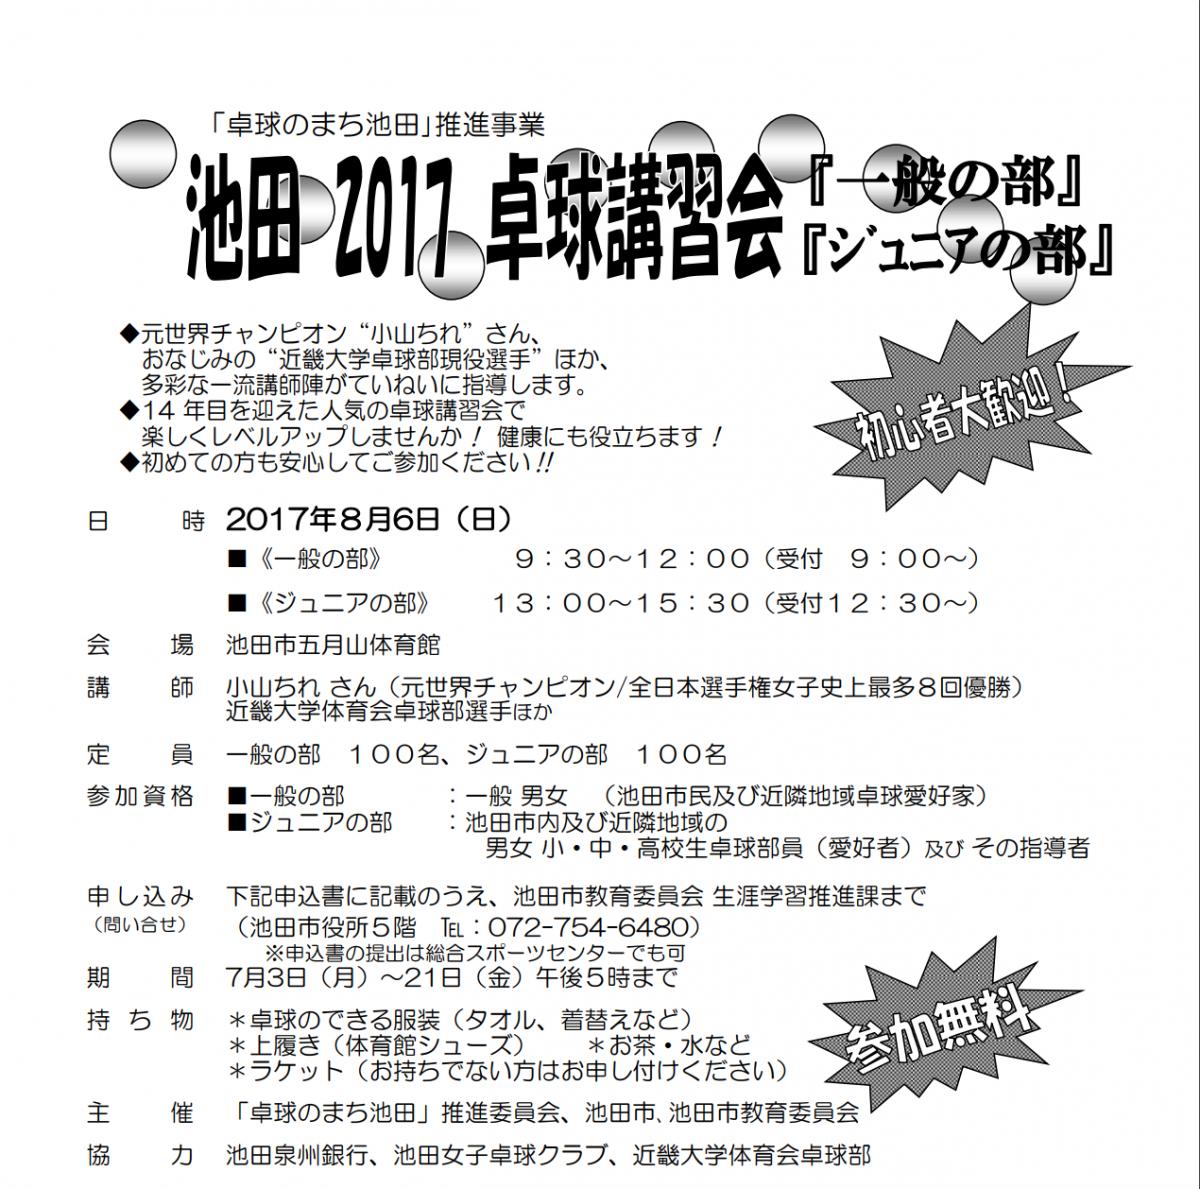 池田2017卓球講習会